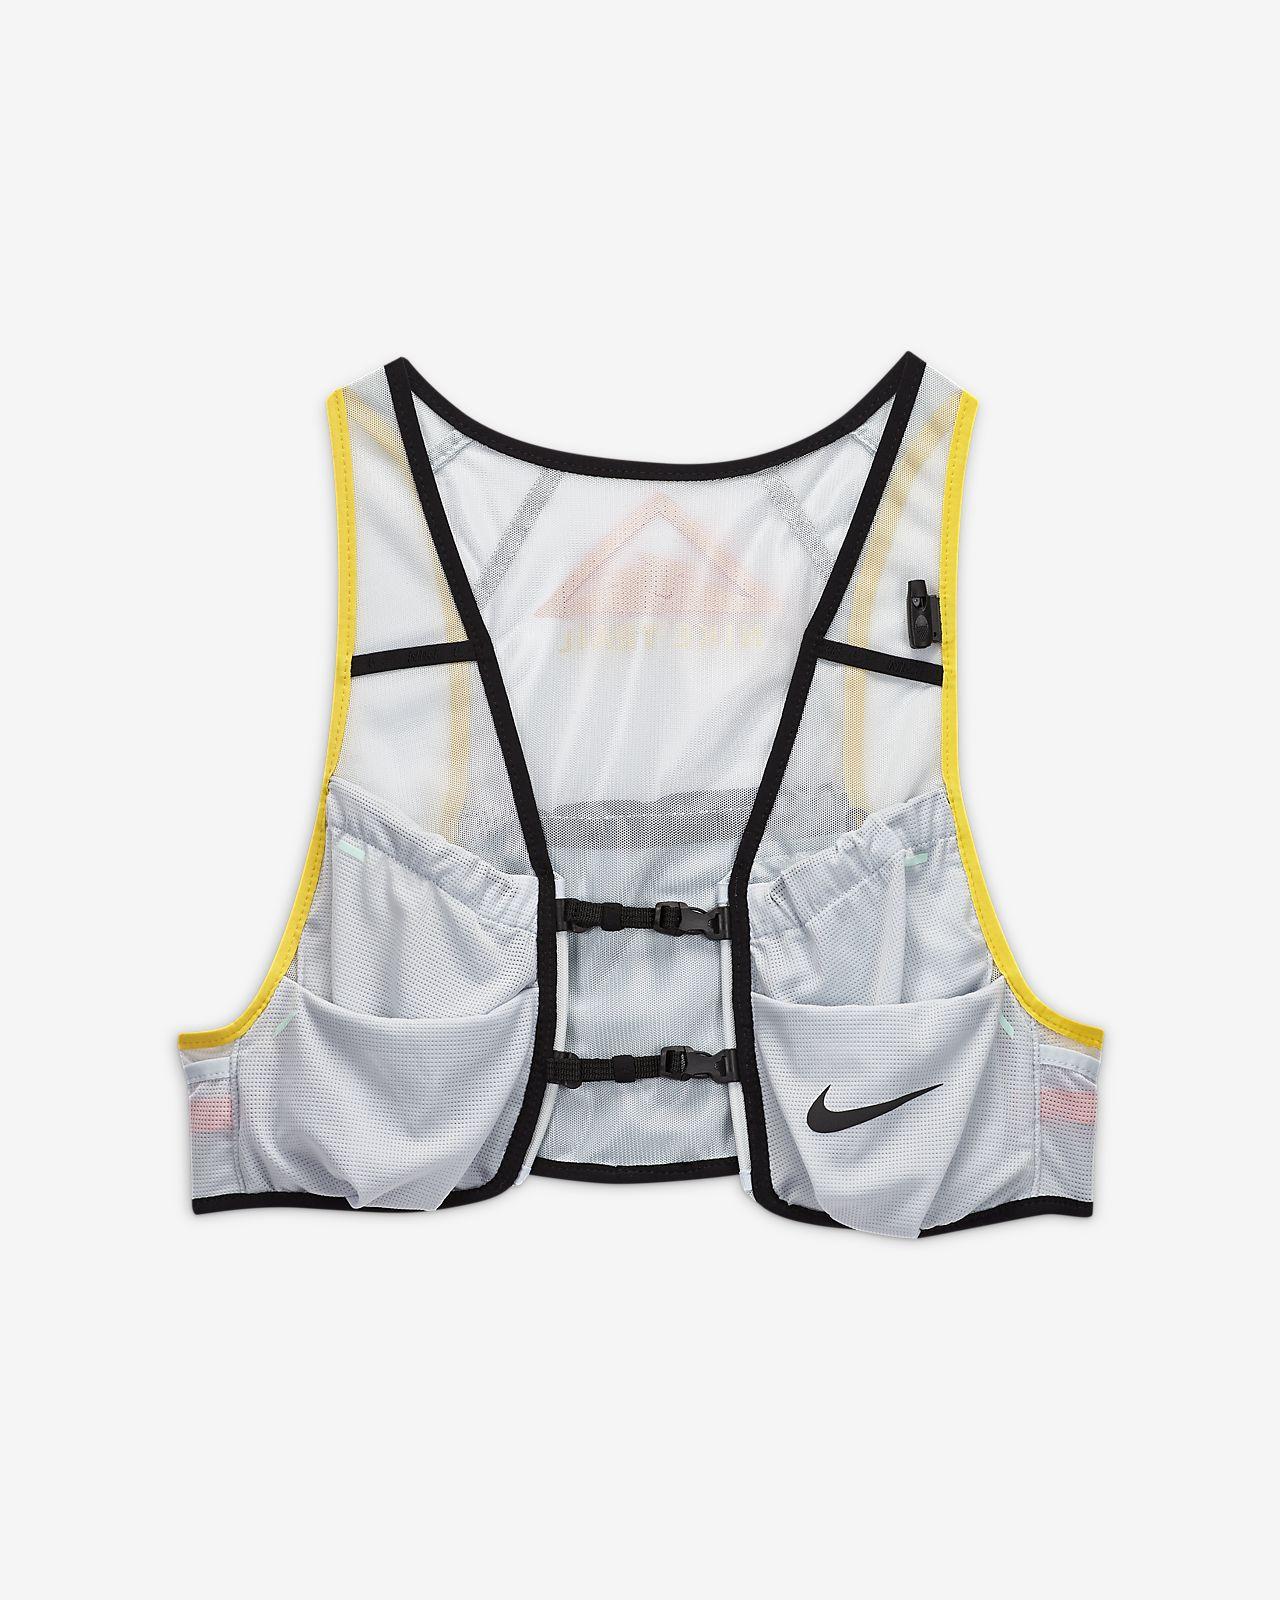 Löparväst Nike för män